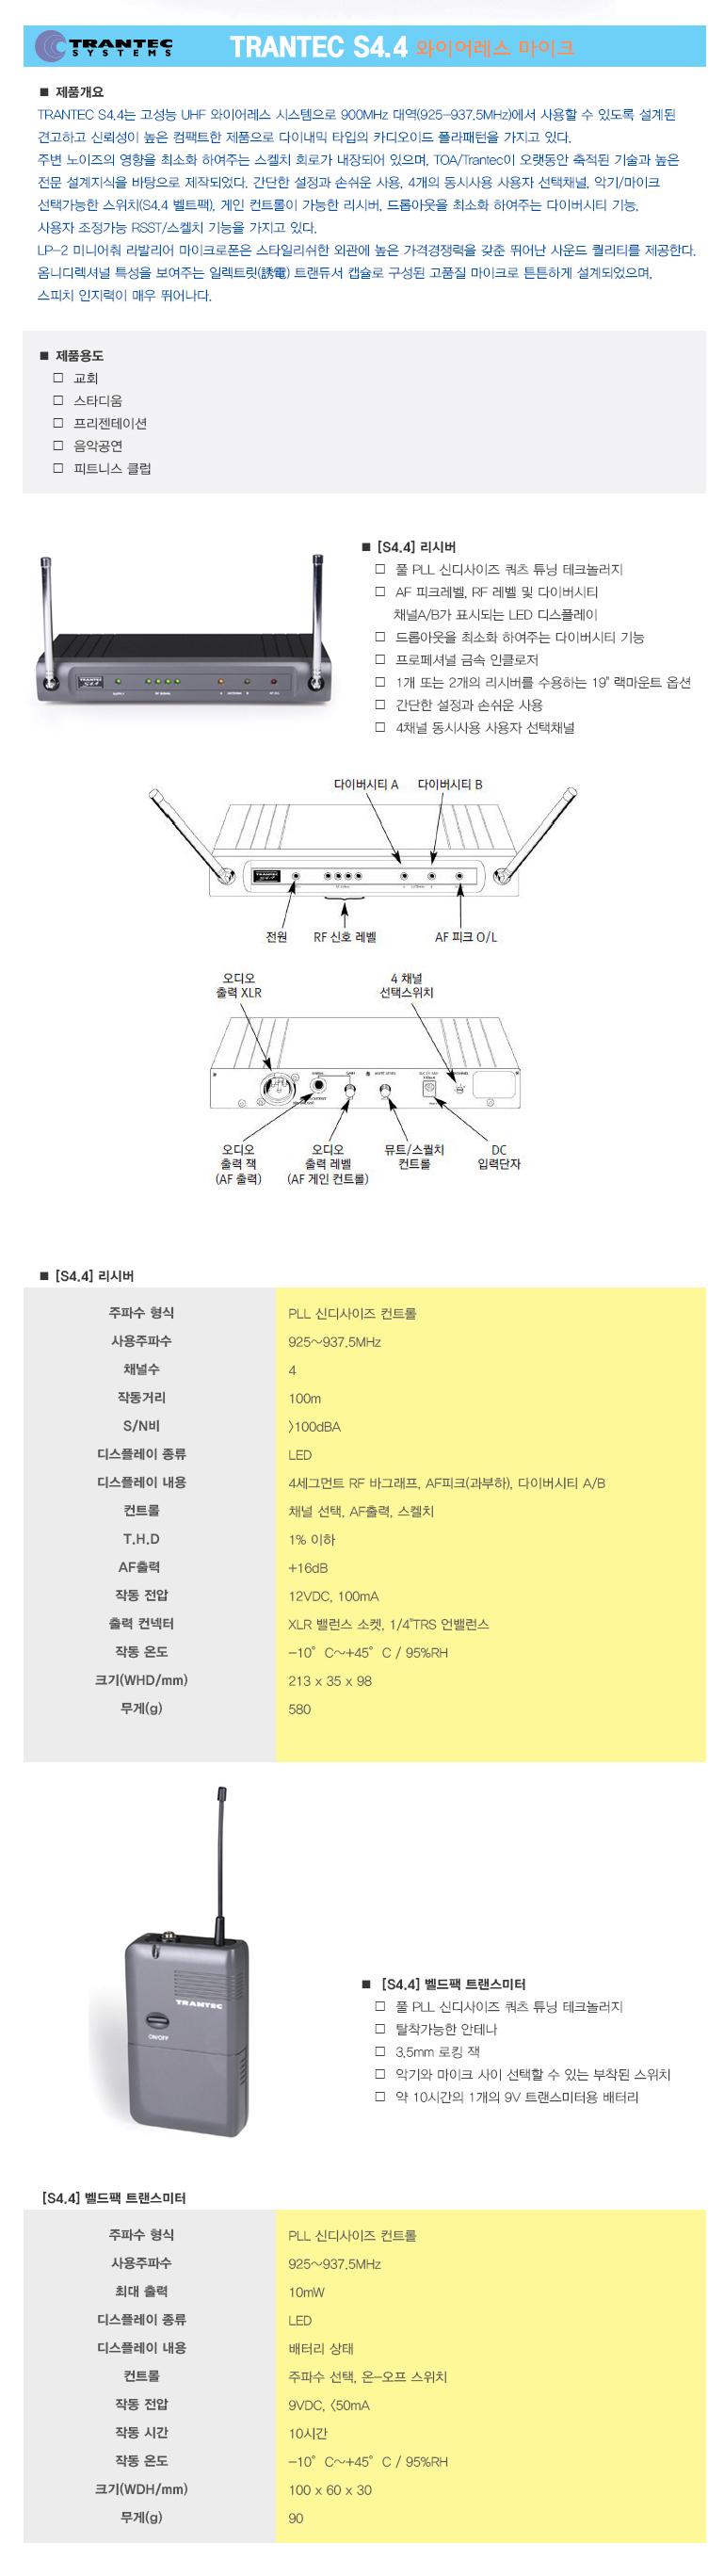 s44-info.jpg